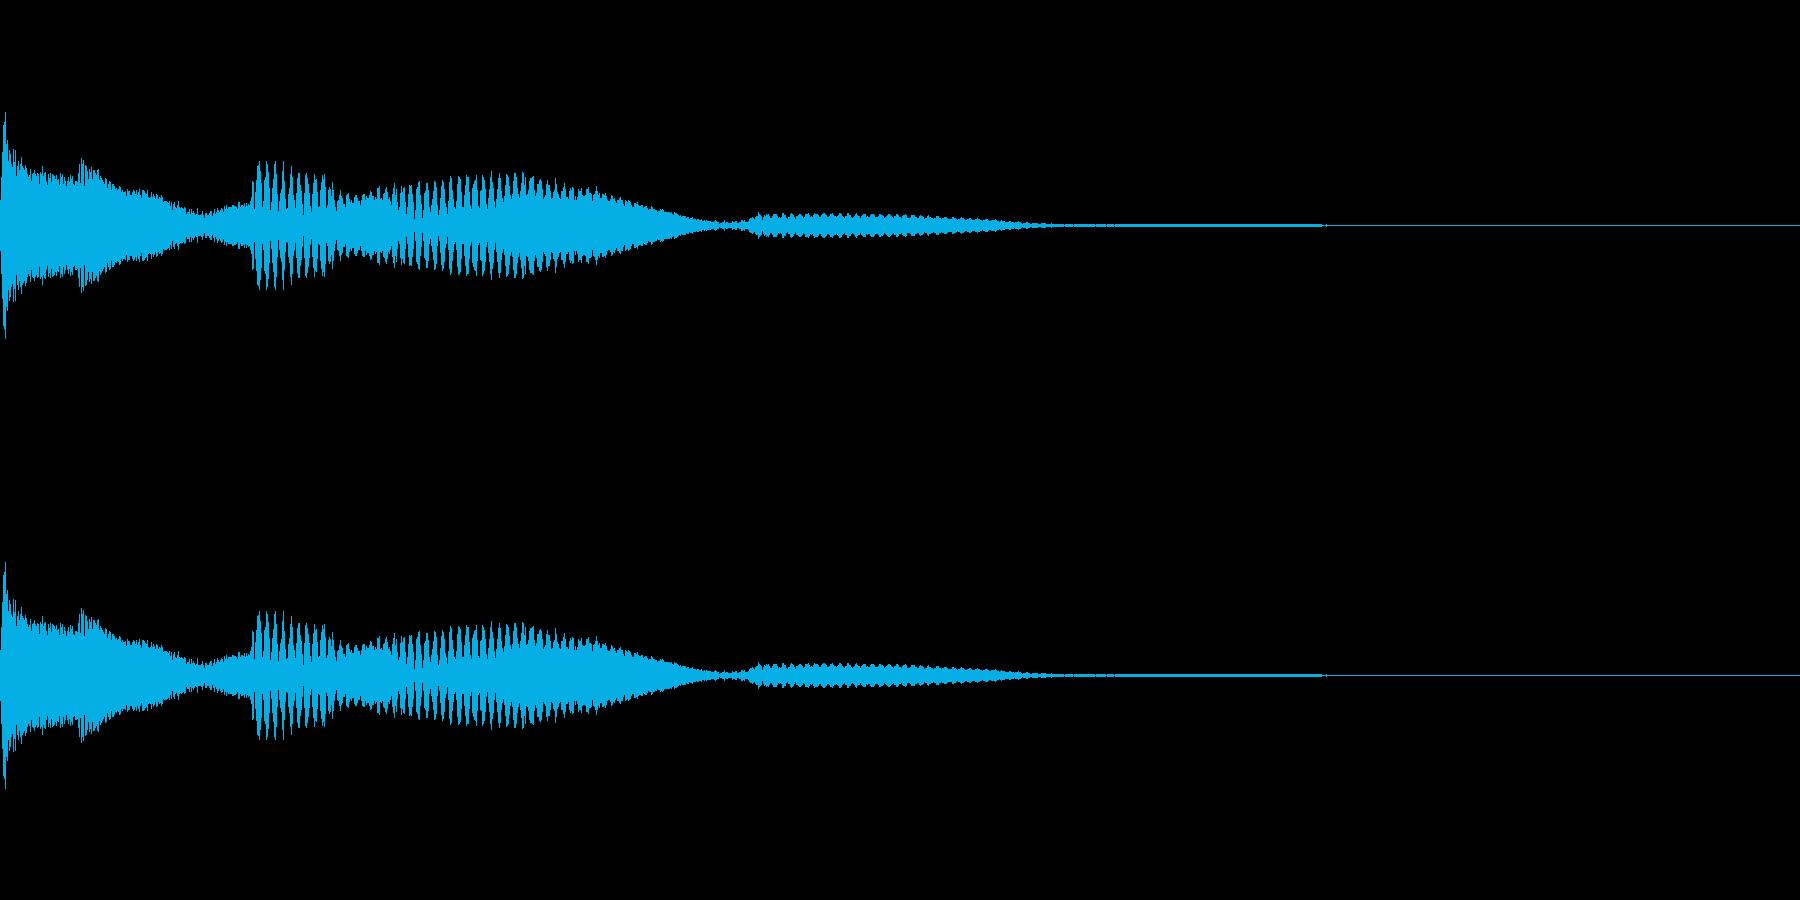 ピロロロロ、トゥルルルル、デリリリ音の再生済みの波形